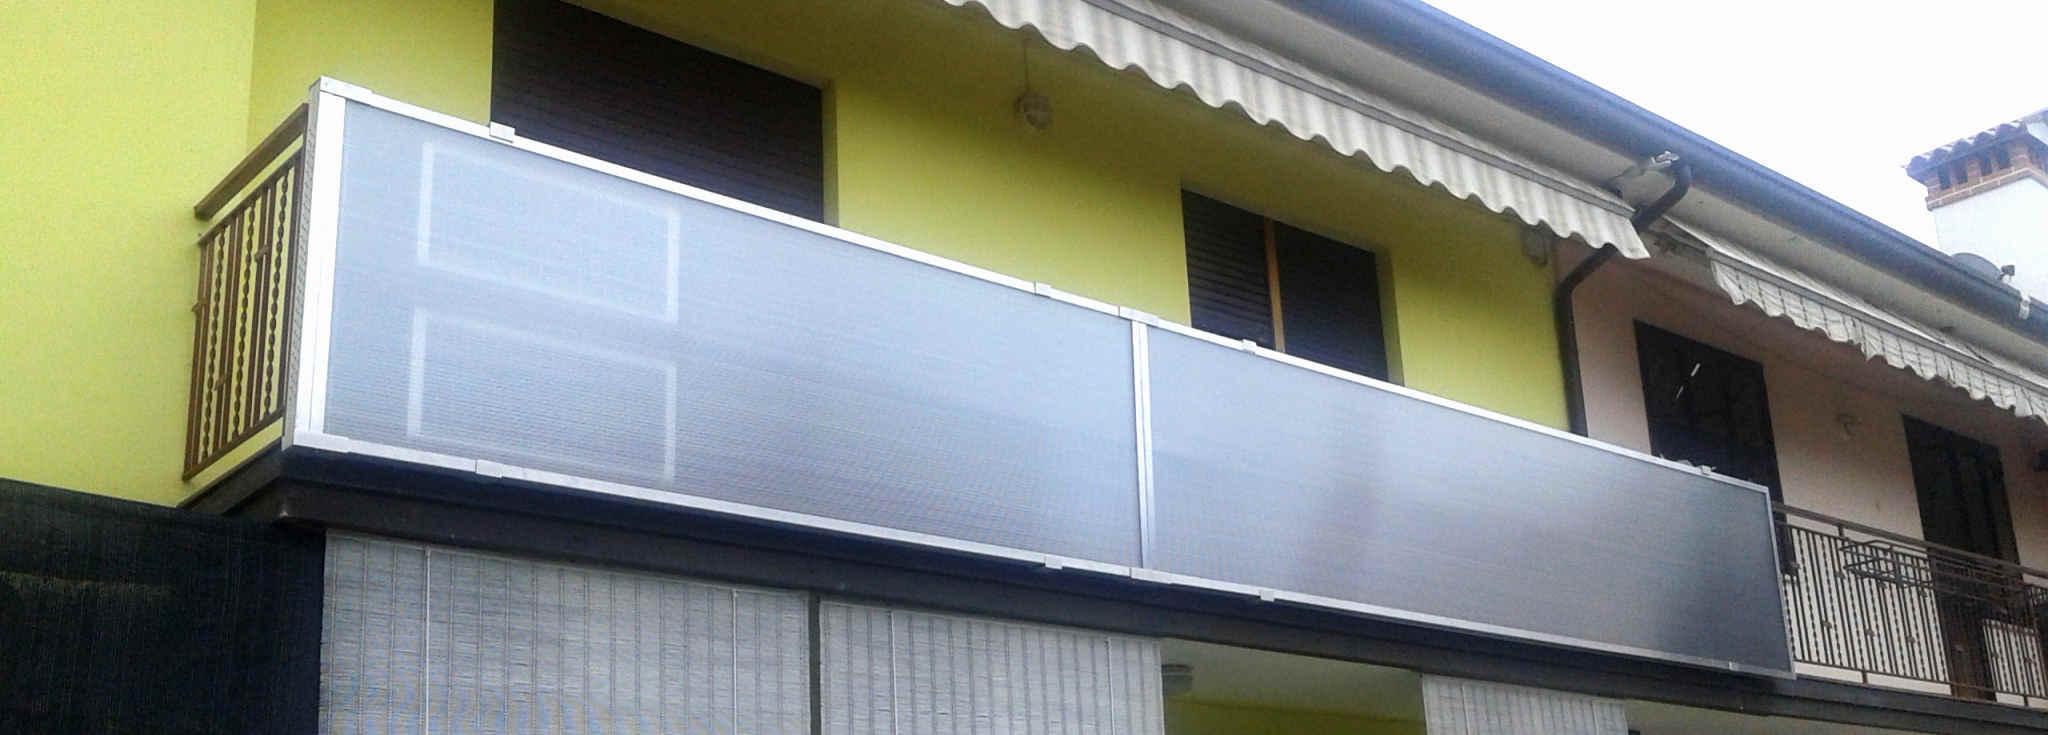 Pannello Solare Per Balcone : Pannello solare aria calda shardana smart energy